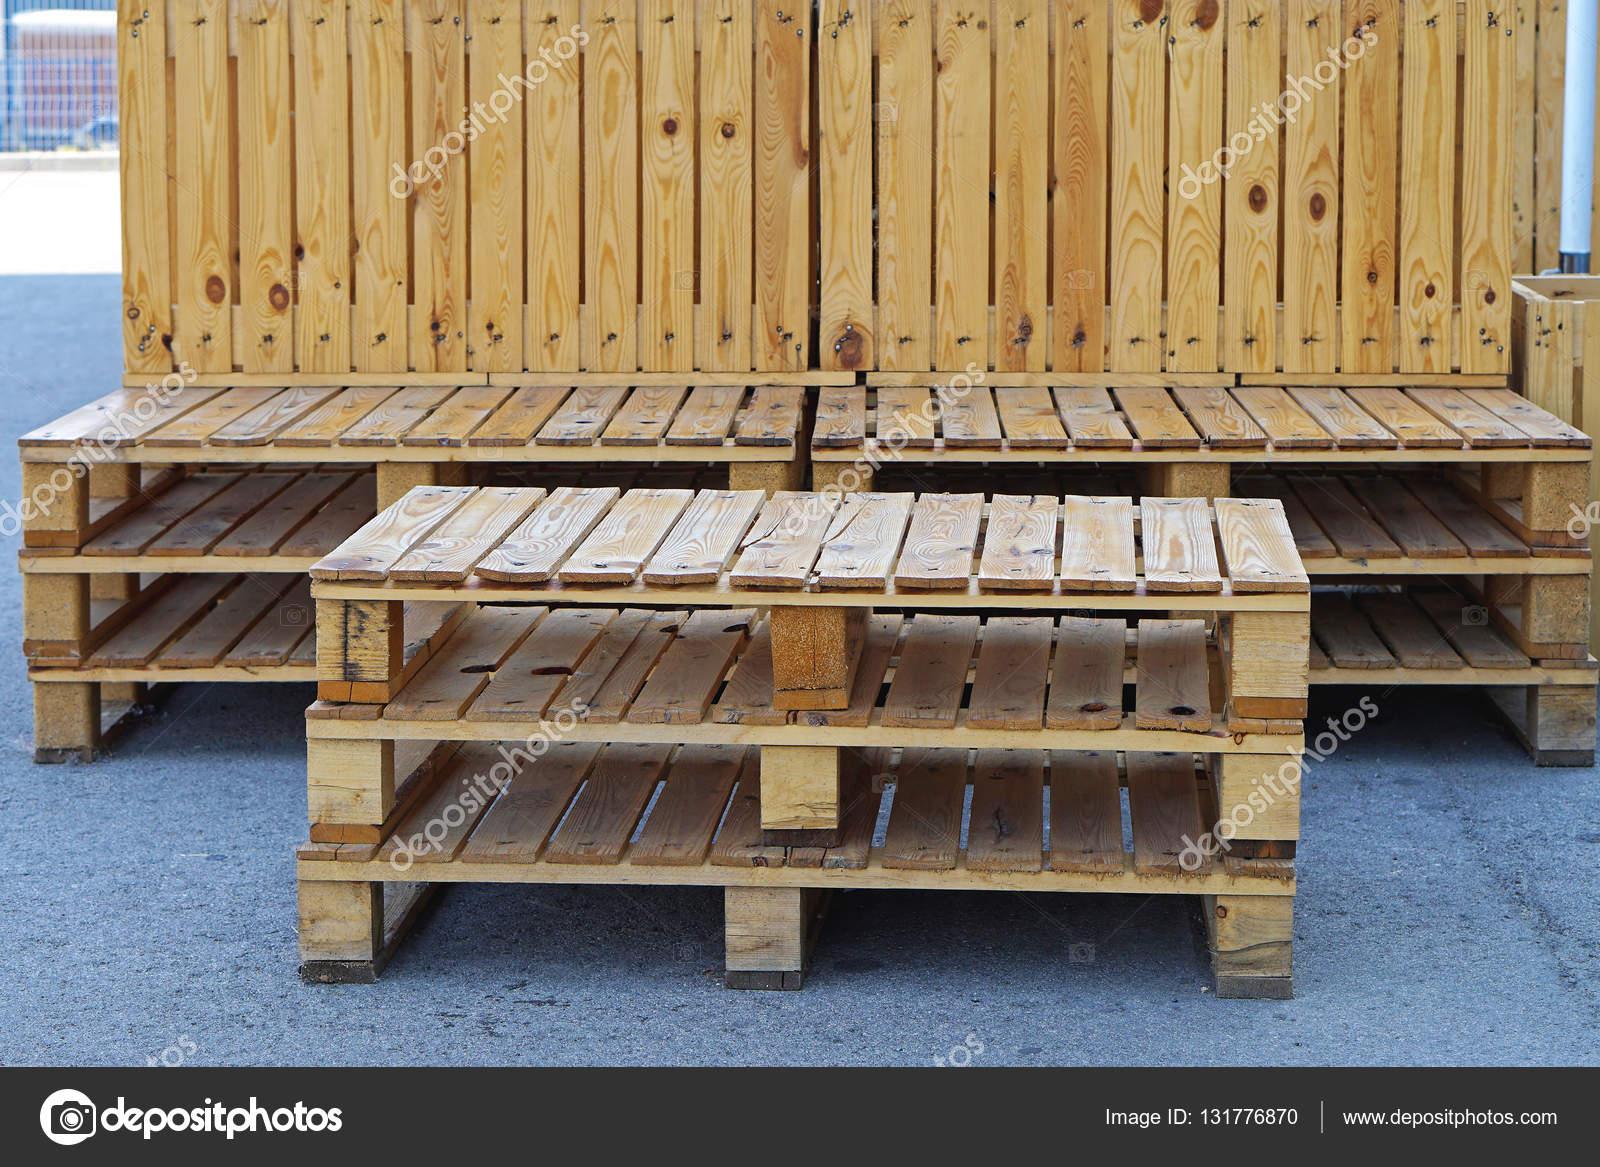 Muebles palets reciclados procesos de de muebles de - Muebles palets reciclados ...